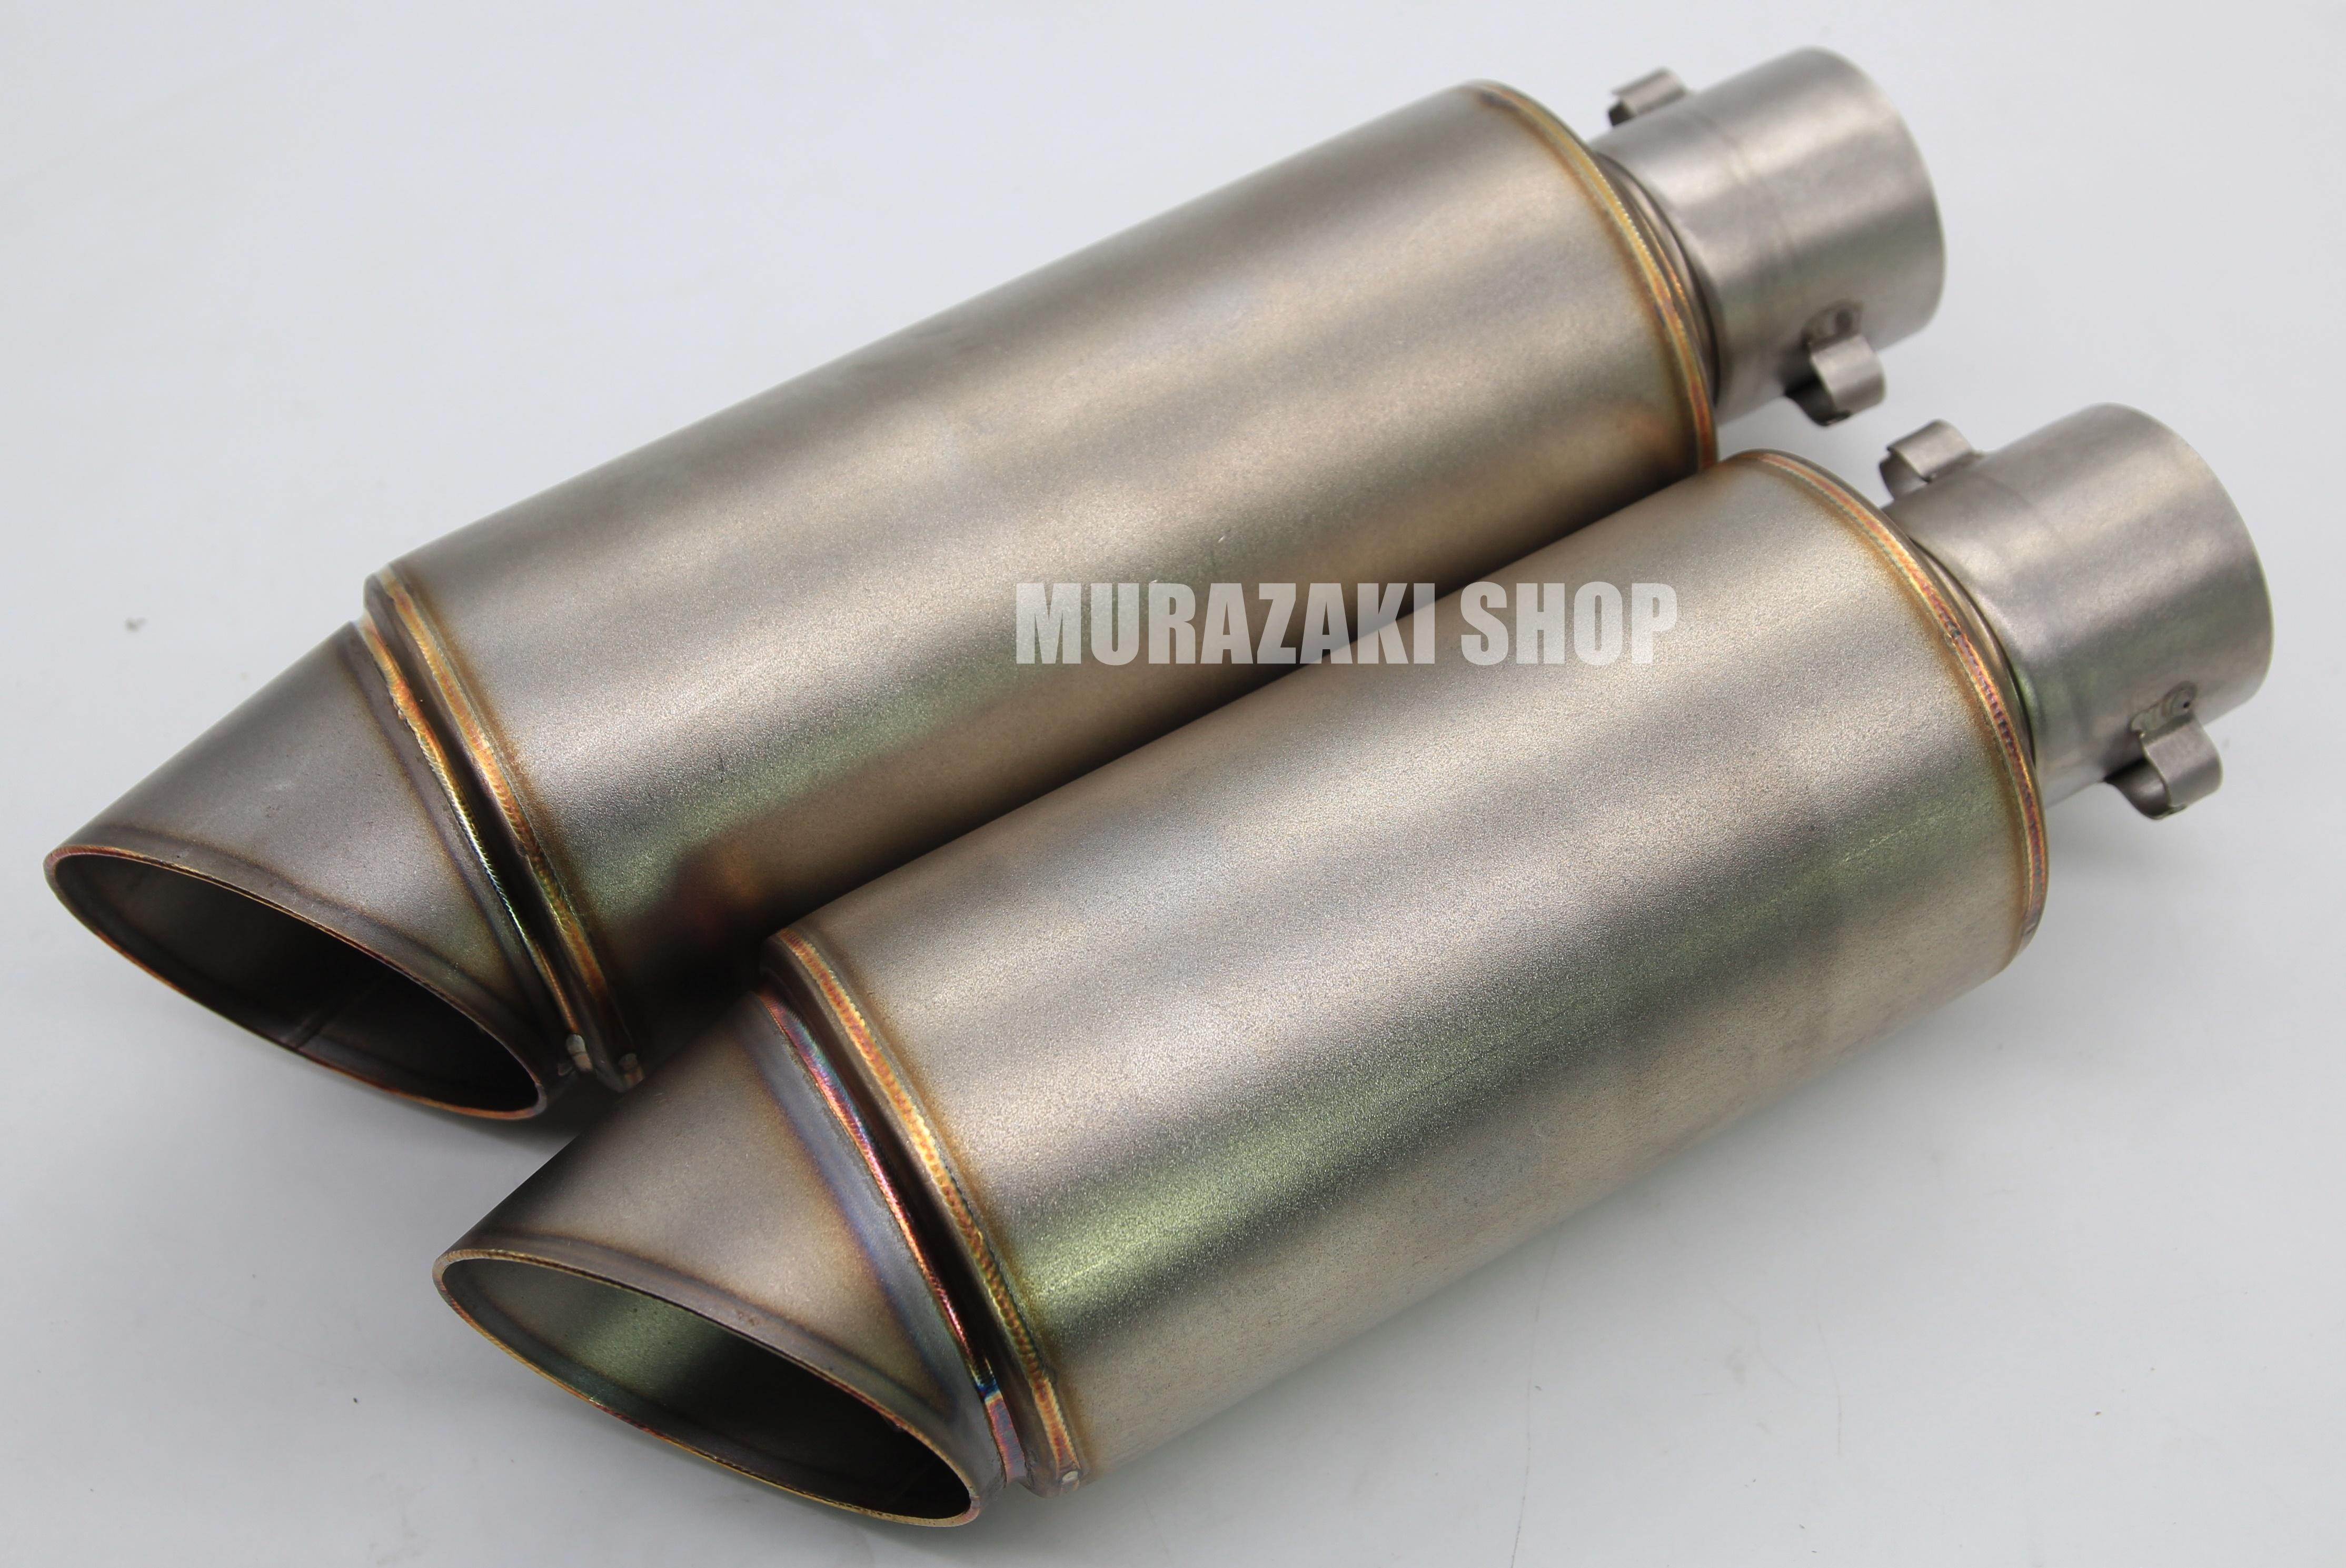 ปลายท่อทรงกลมเงิน ความยาว190mm 160mm ราคา1700 ใส่คอ2นิ้ว